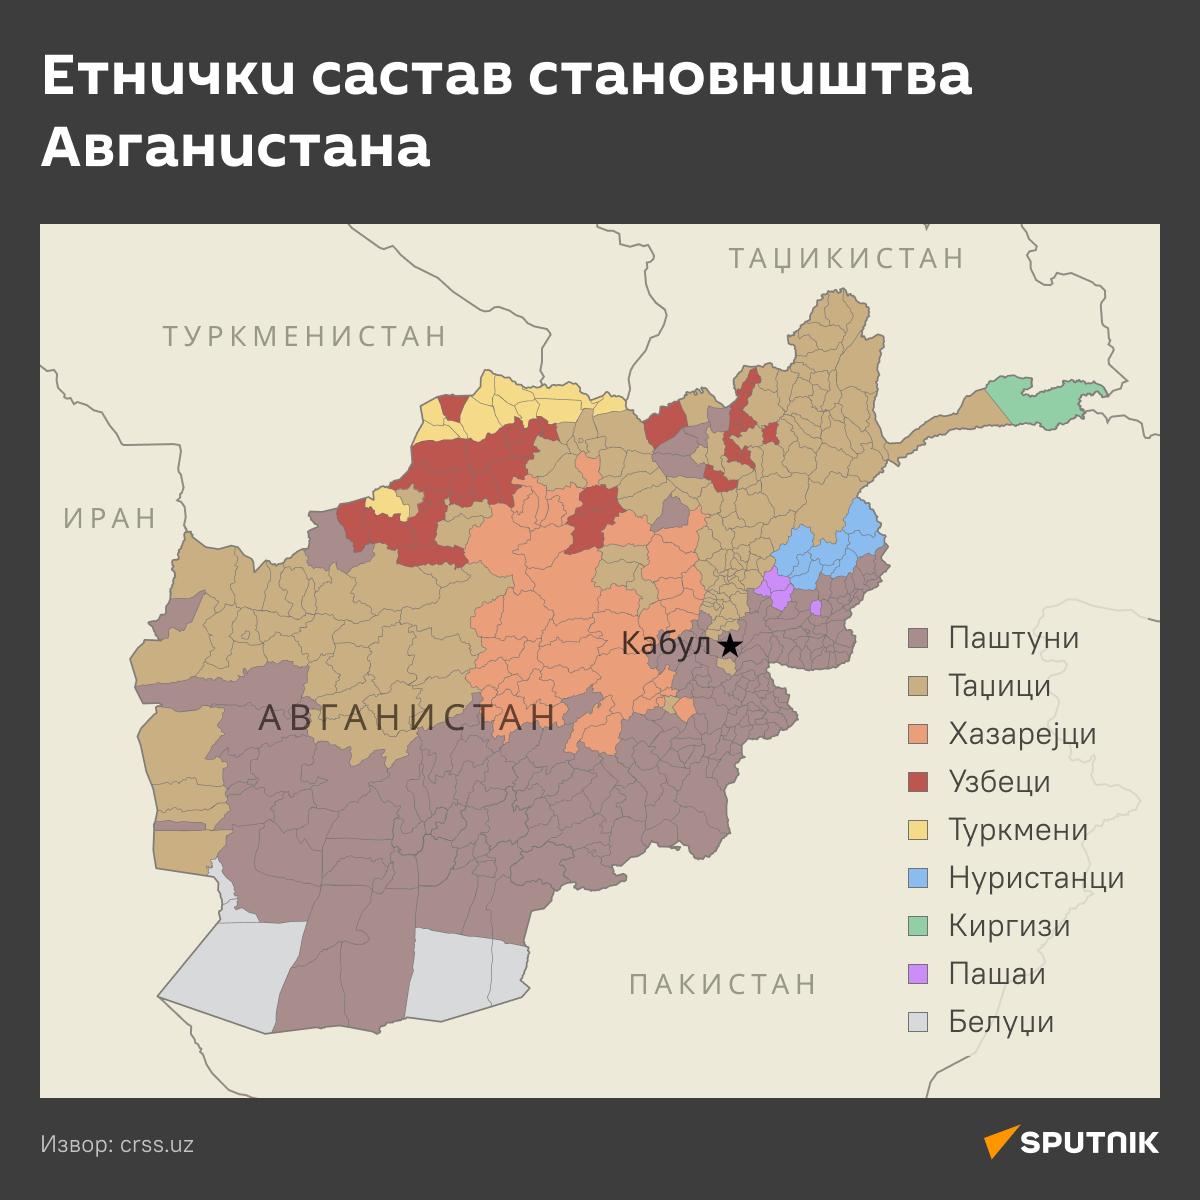 Становништво Афганистана_деск_new - Sputnik Србија